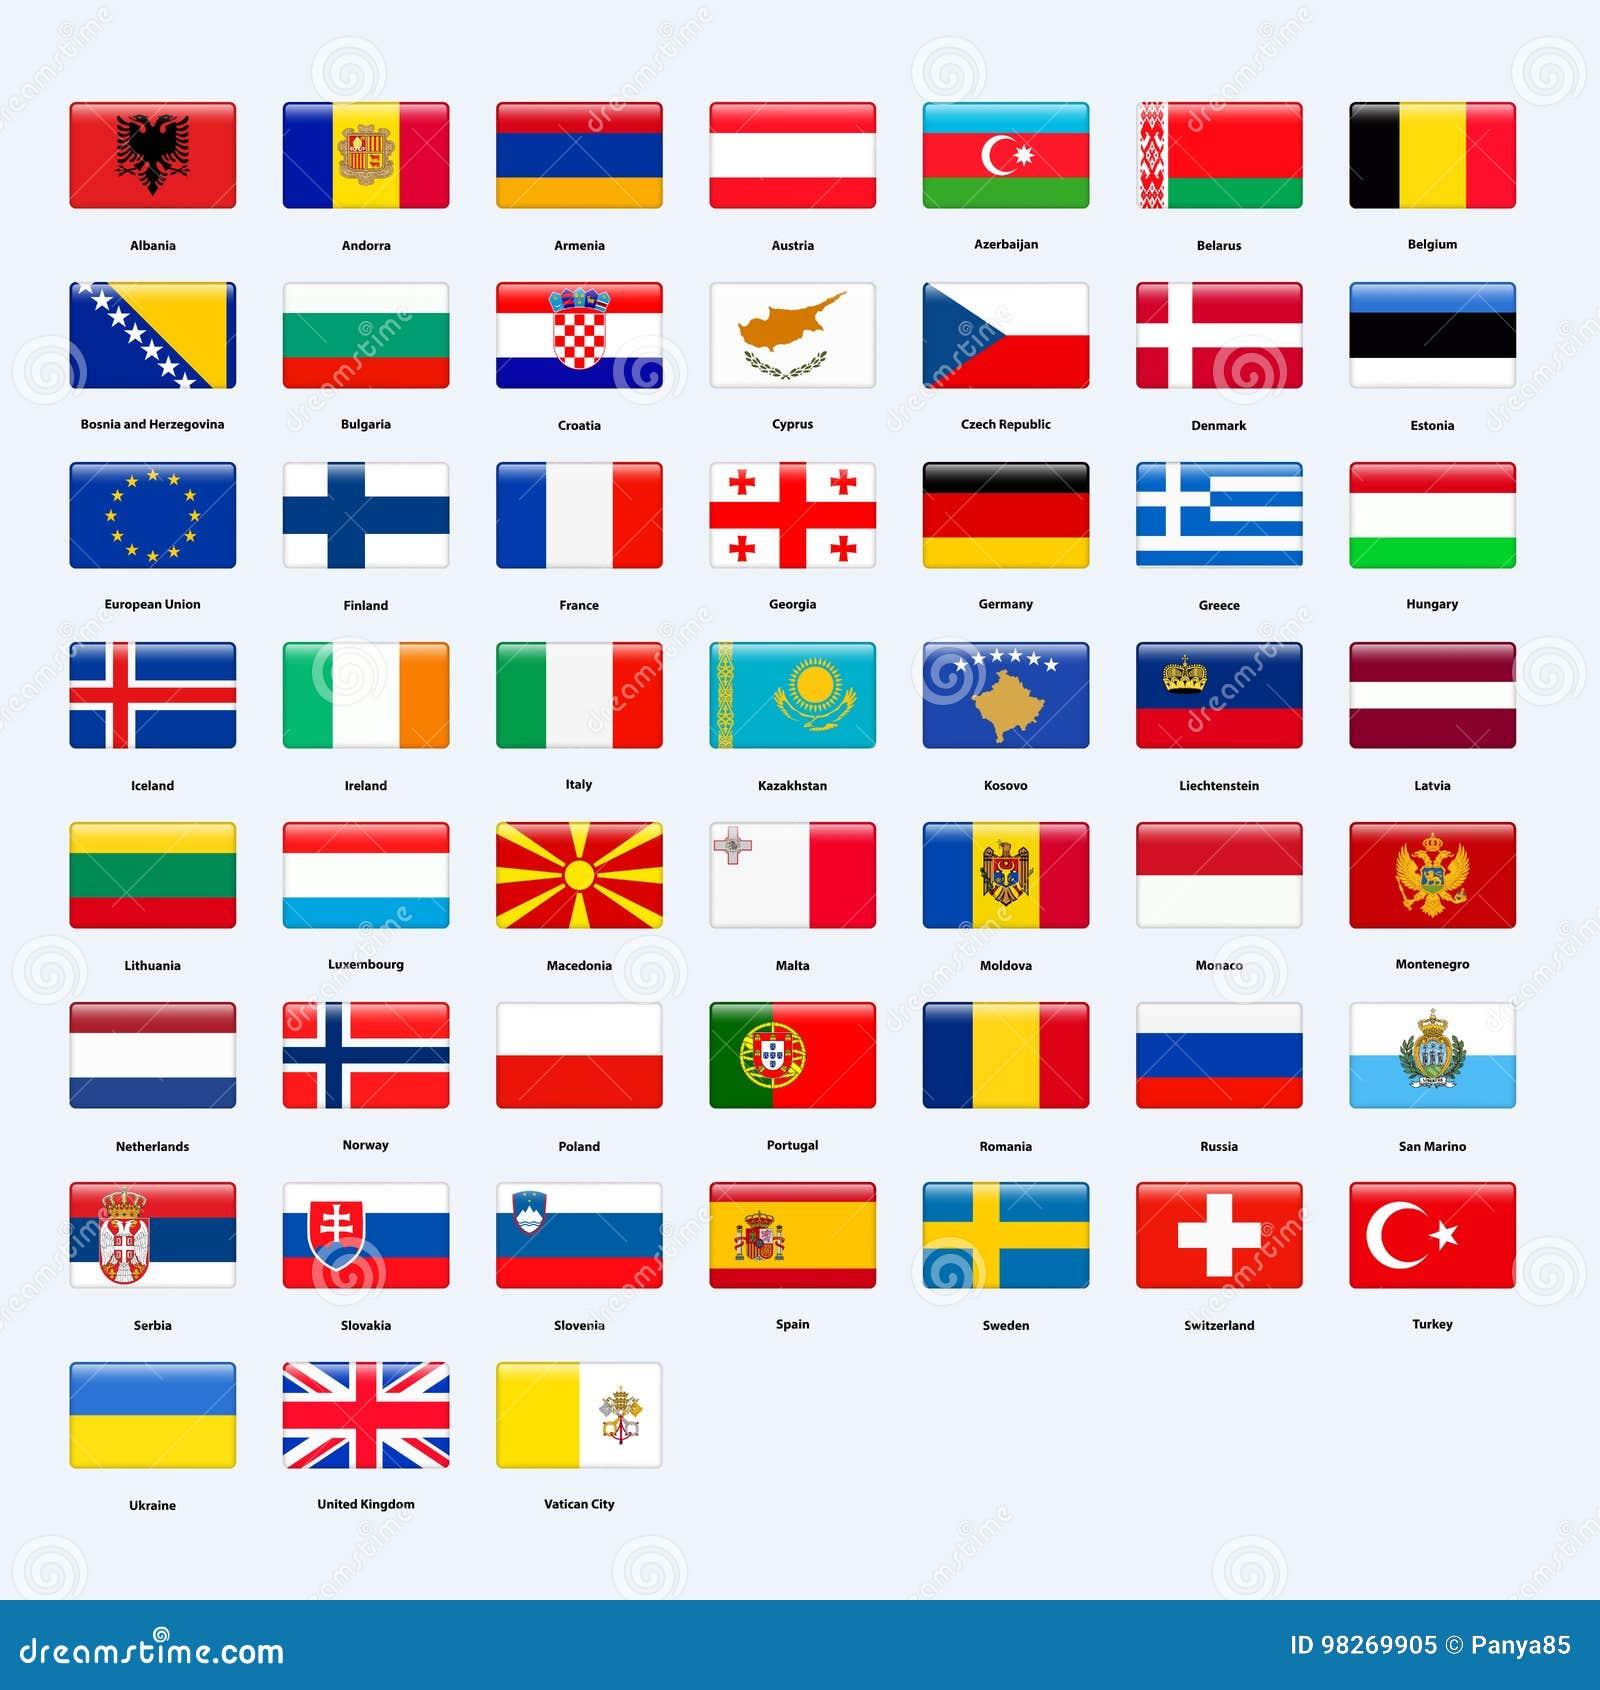 Wonderbaarlijk Reeks Vlaggen Van Alle Landen Van Europa Rechthoek Glanzende Stijl AR-33